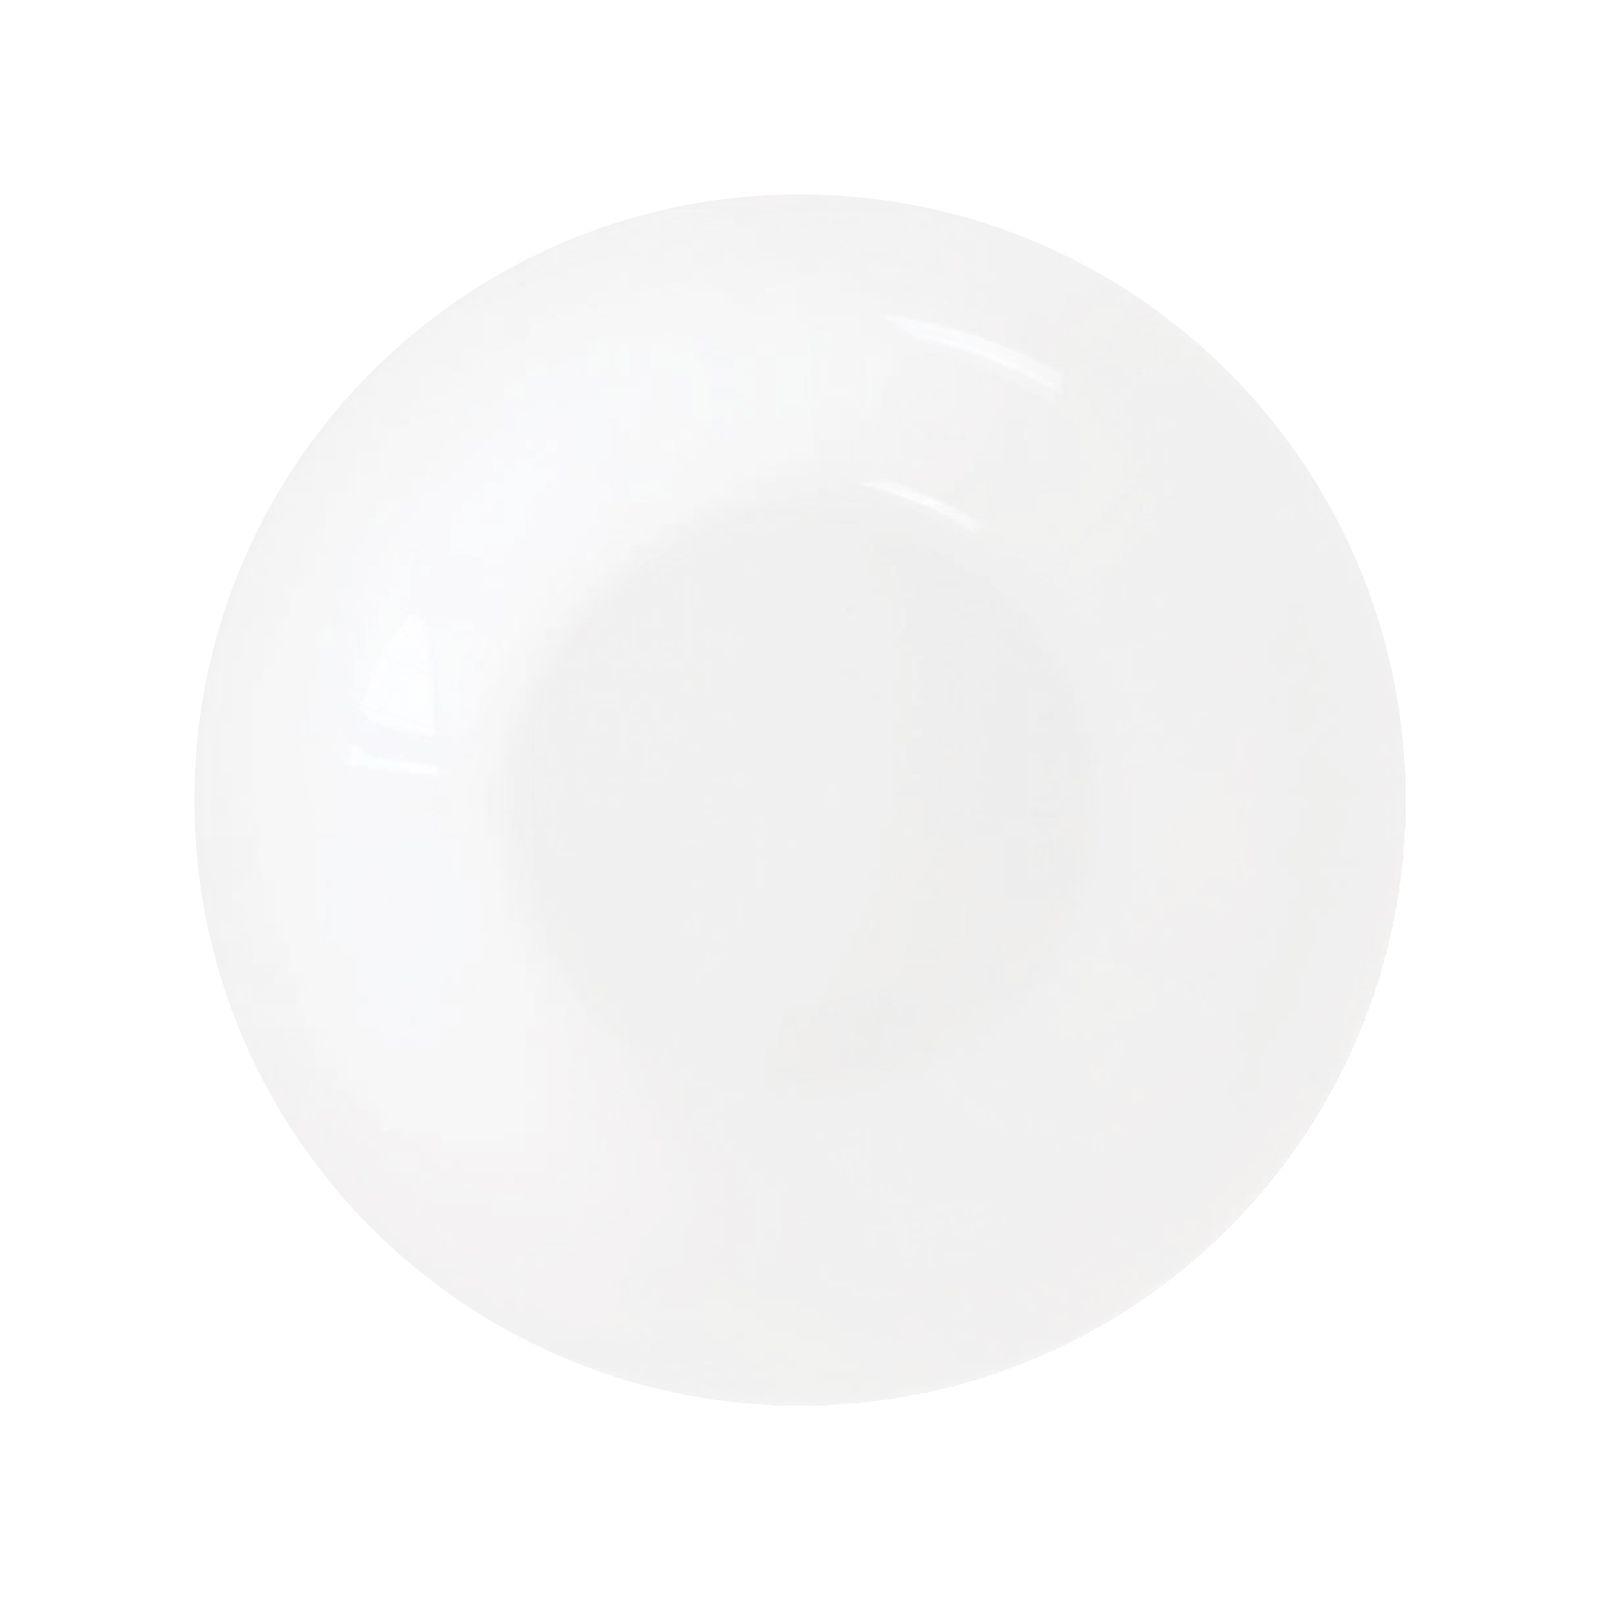 Assiette creuse Ambiance 21 cm LUMINARC